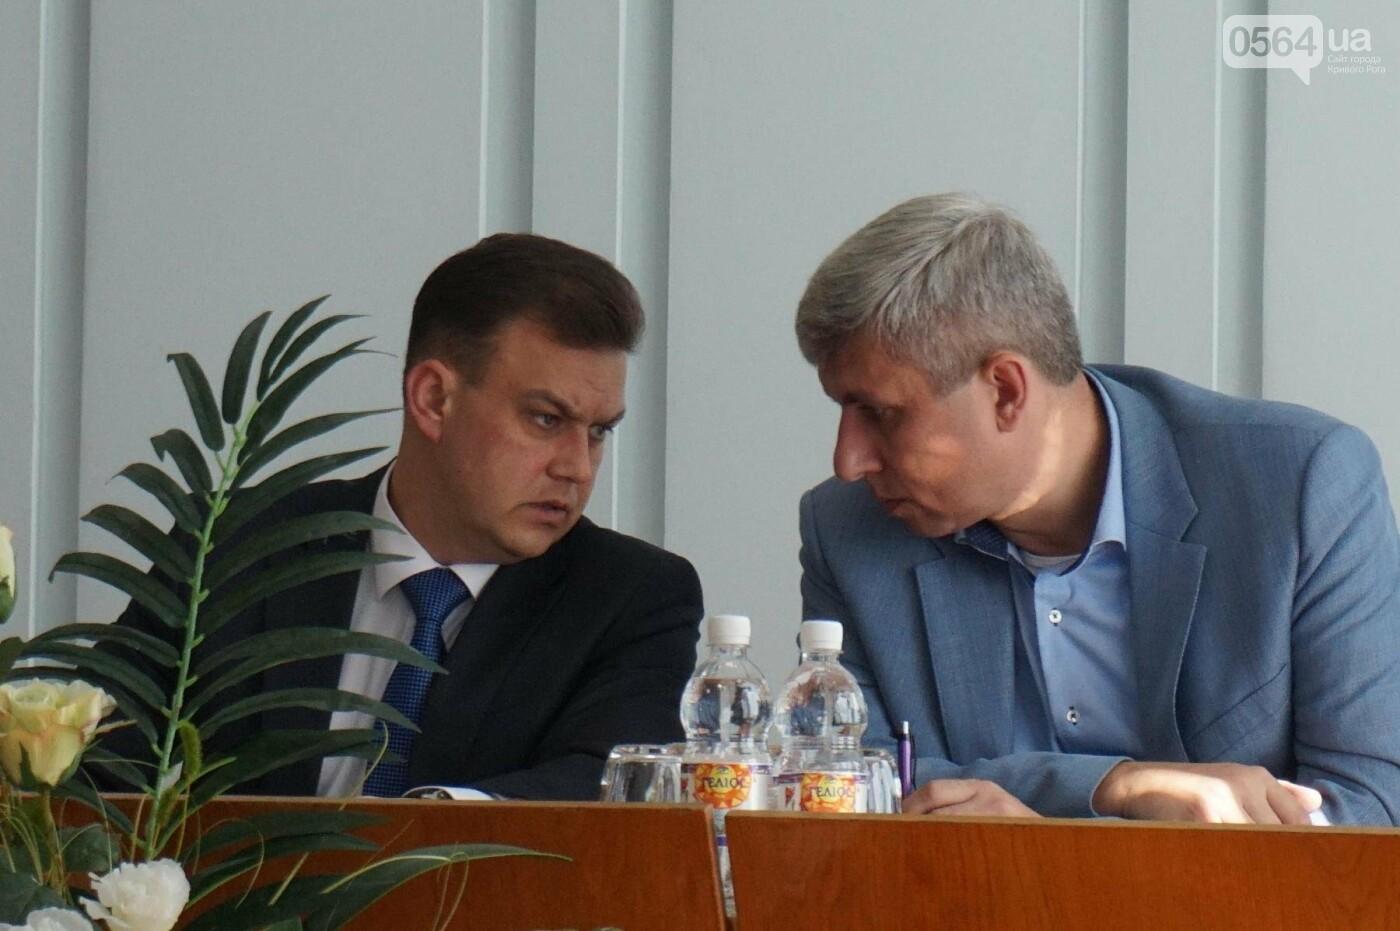 """""""Мы что, так хорошо отработали, что недостатков нет?"""" - криворожский мэр об итогах оздоровительной кампании (ФОТО), фото-5"""